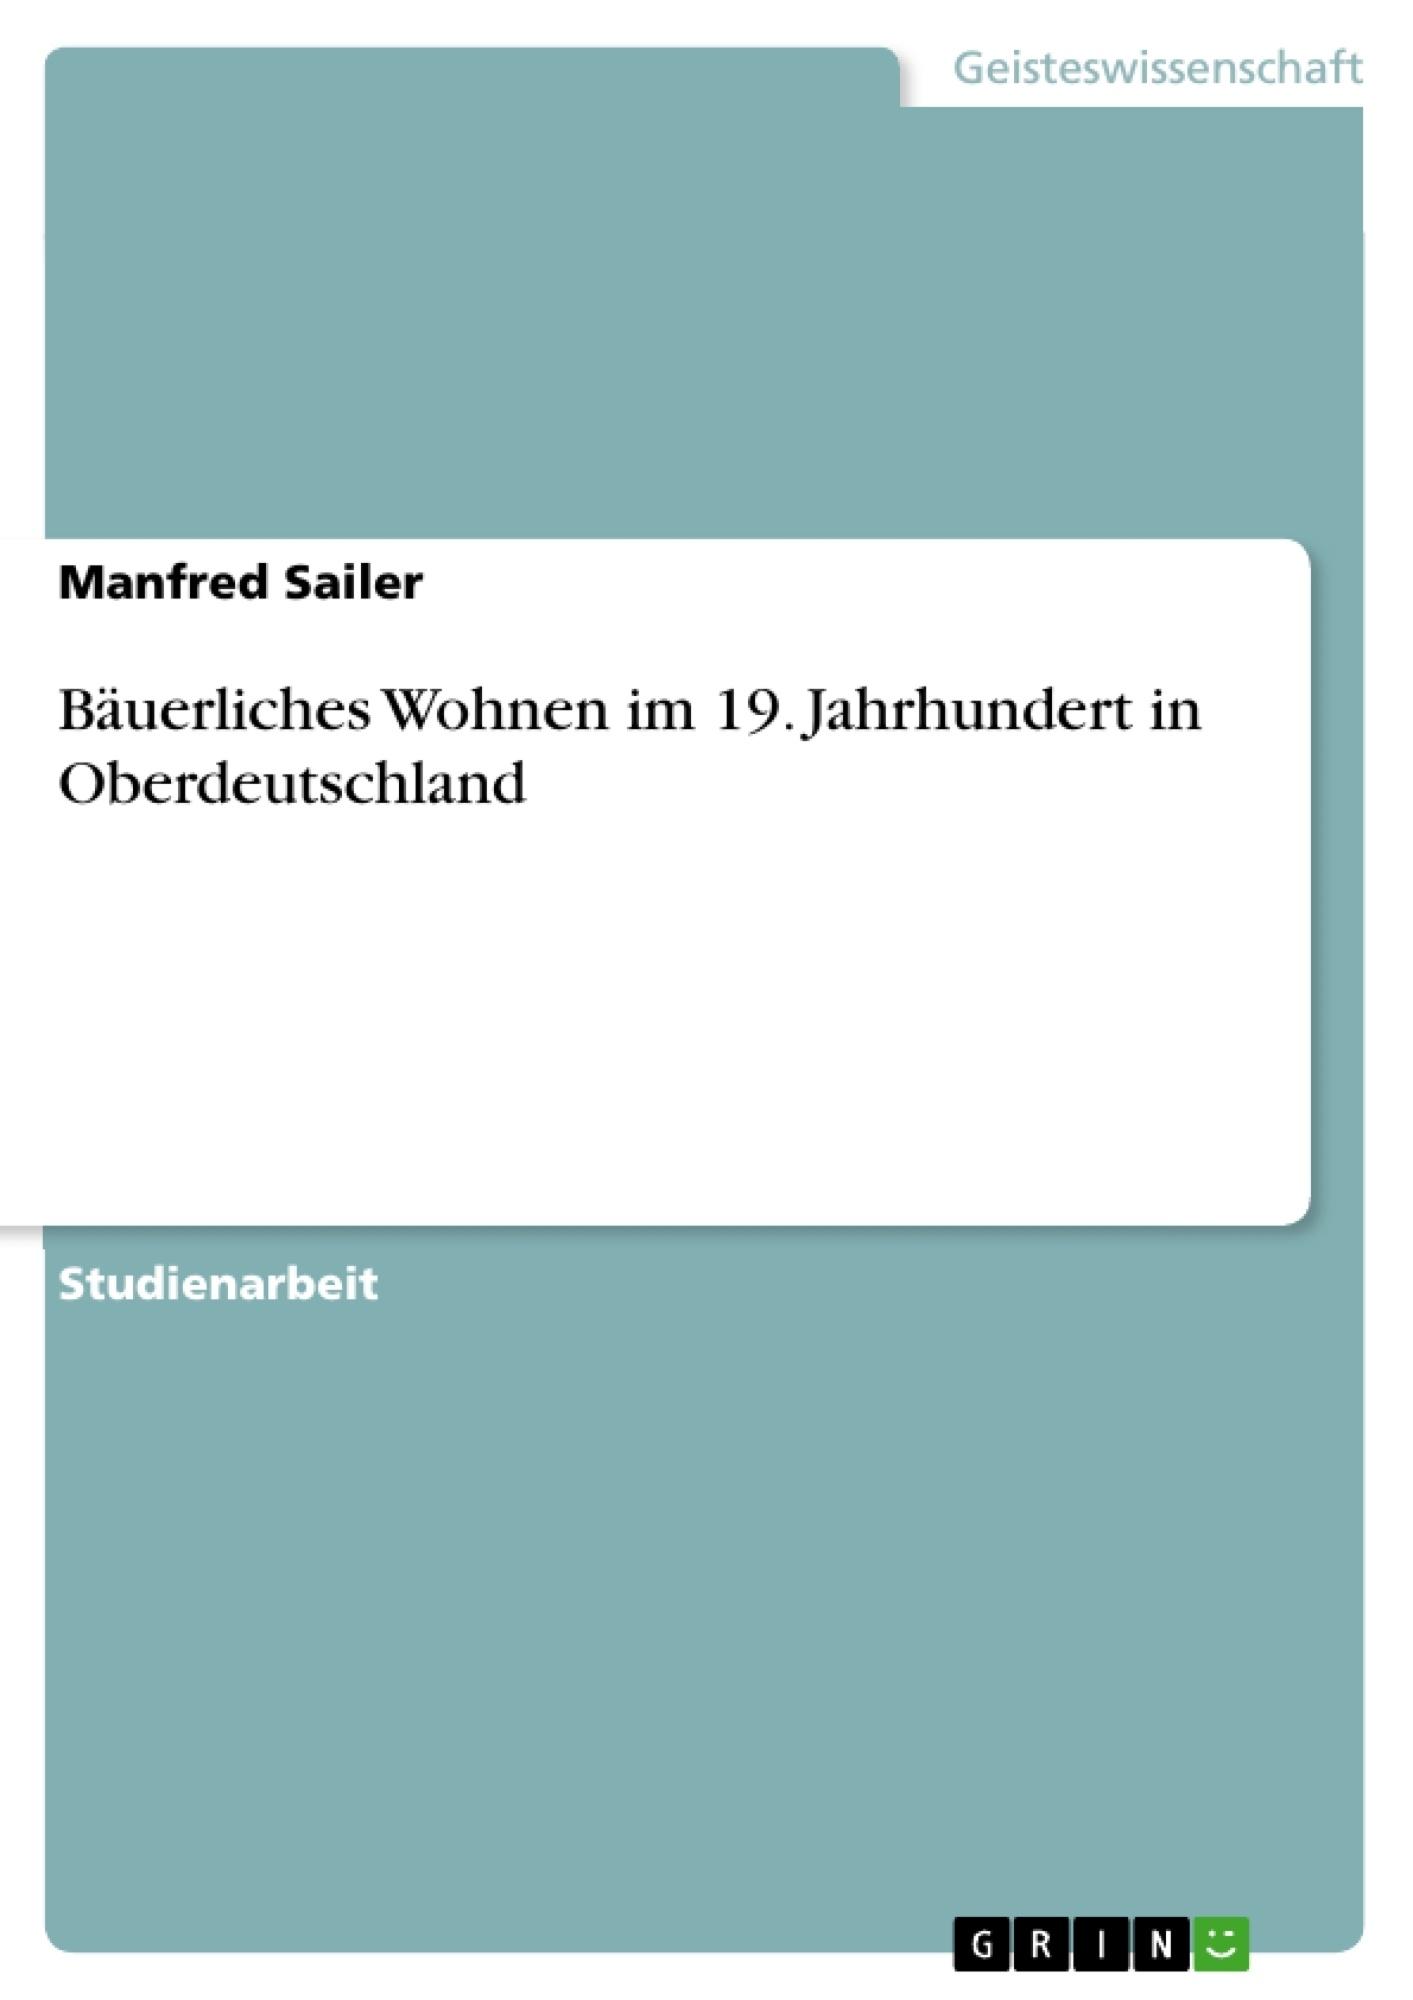 Titel: Bäuerliches Wohnen im 19. Jahrhundert in Oberdeutschland